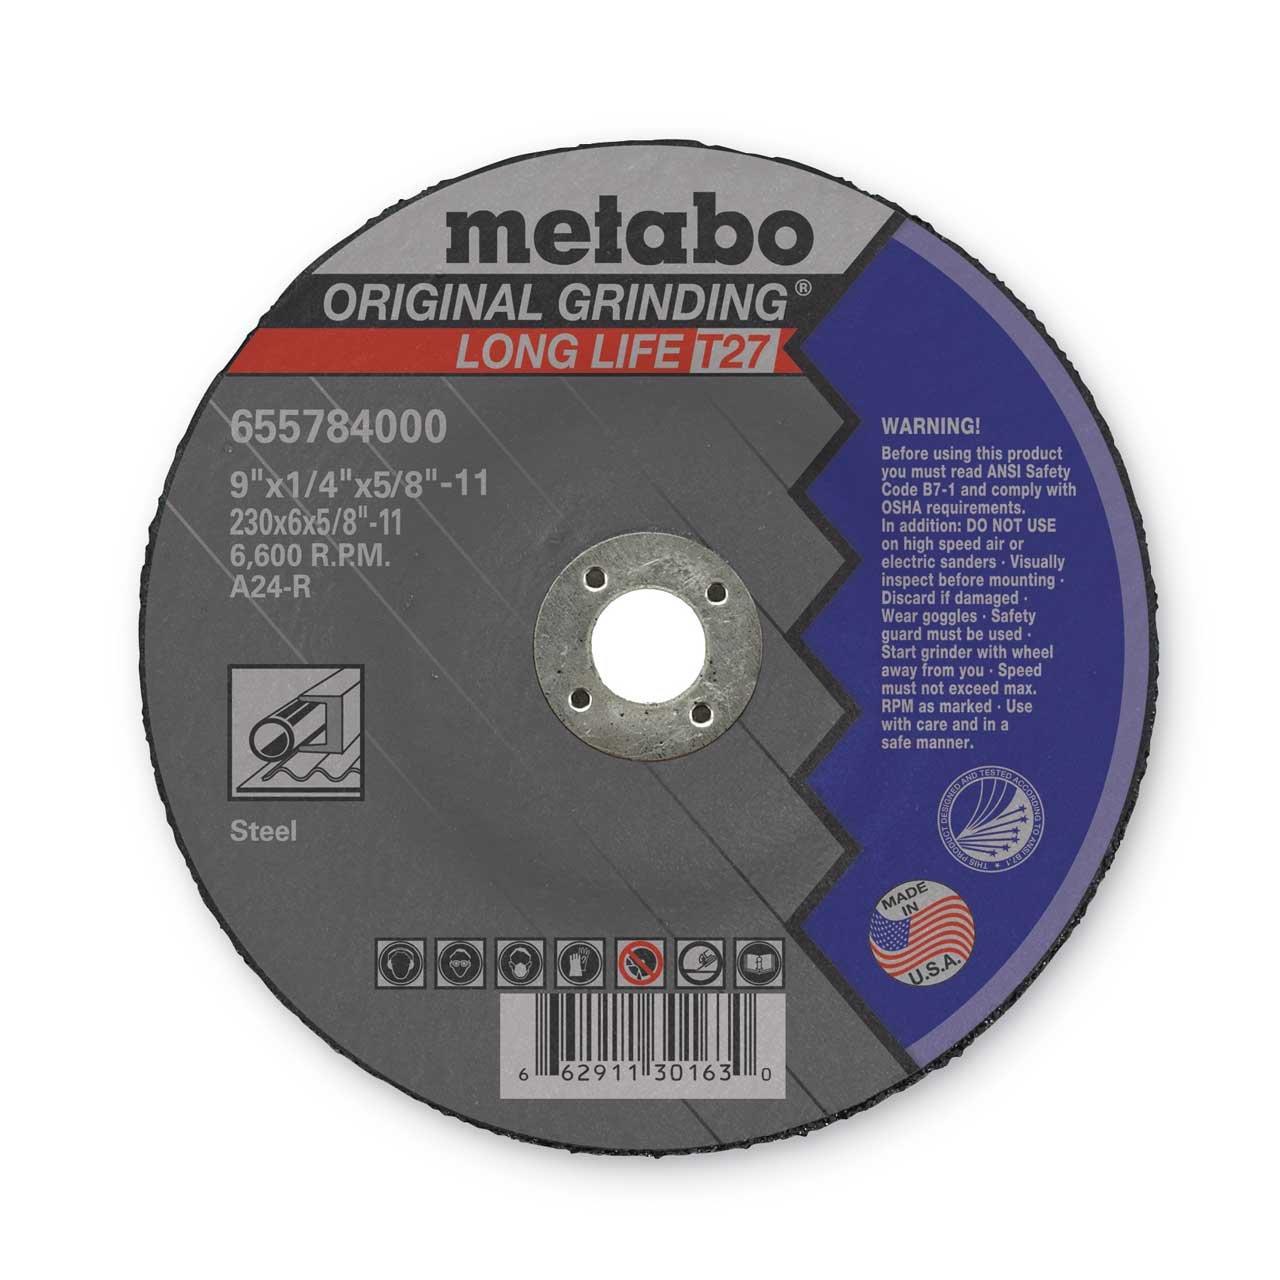 Metabo 655784000 9' x 1/4 x 5/8-11 Long Life - Depressed Center Grindi